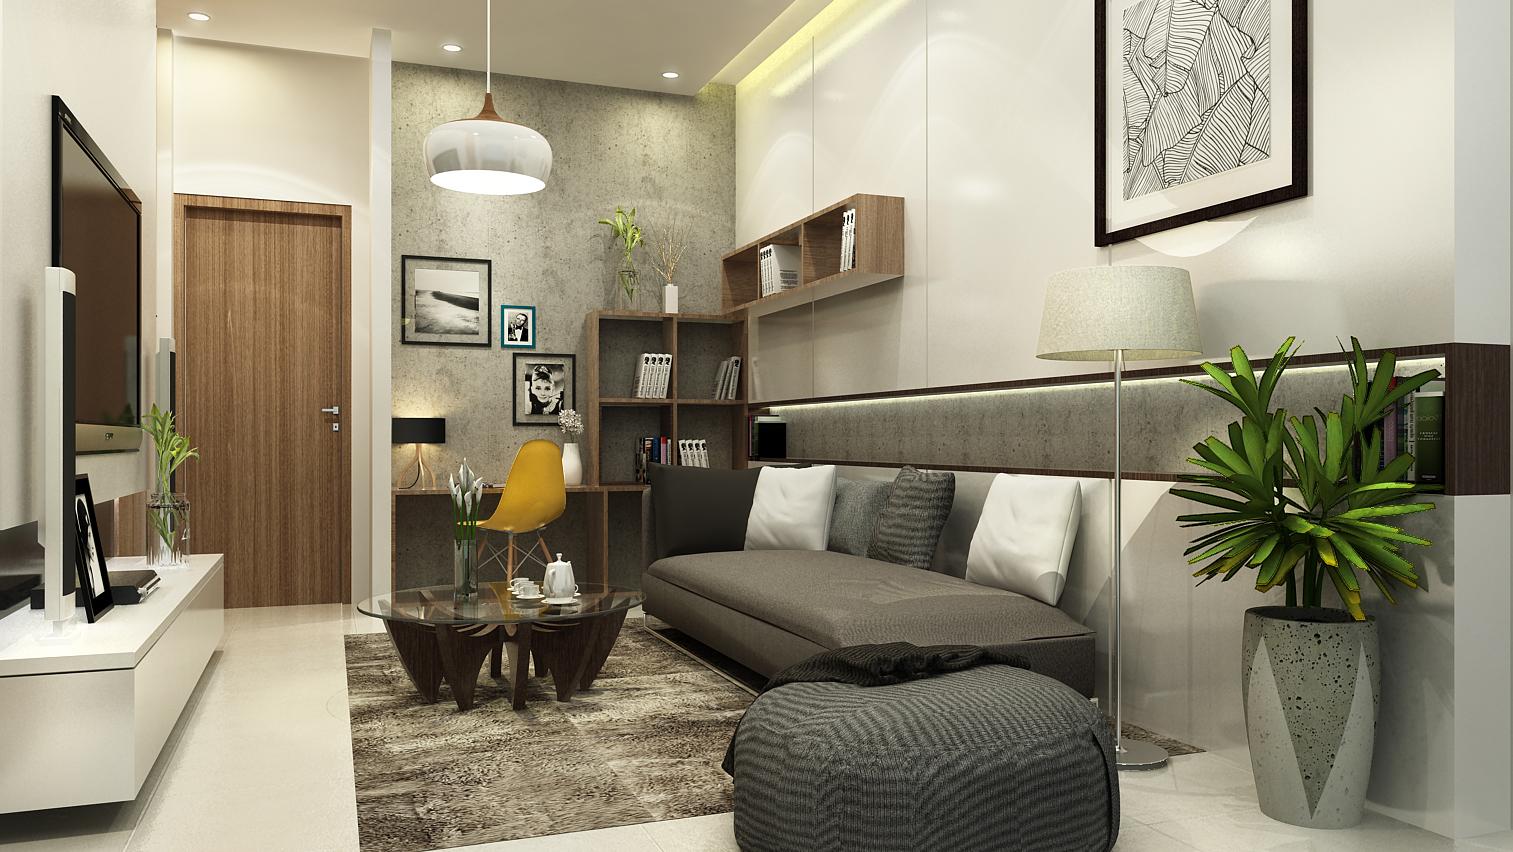 Thiết kế thi công nội thất căn hộ anh Khánh quận 9